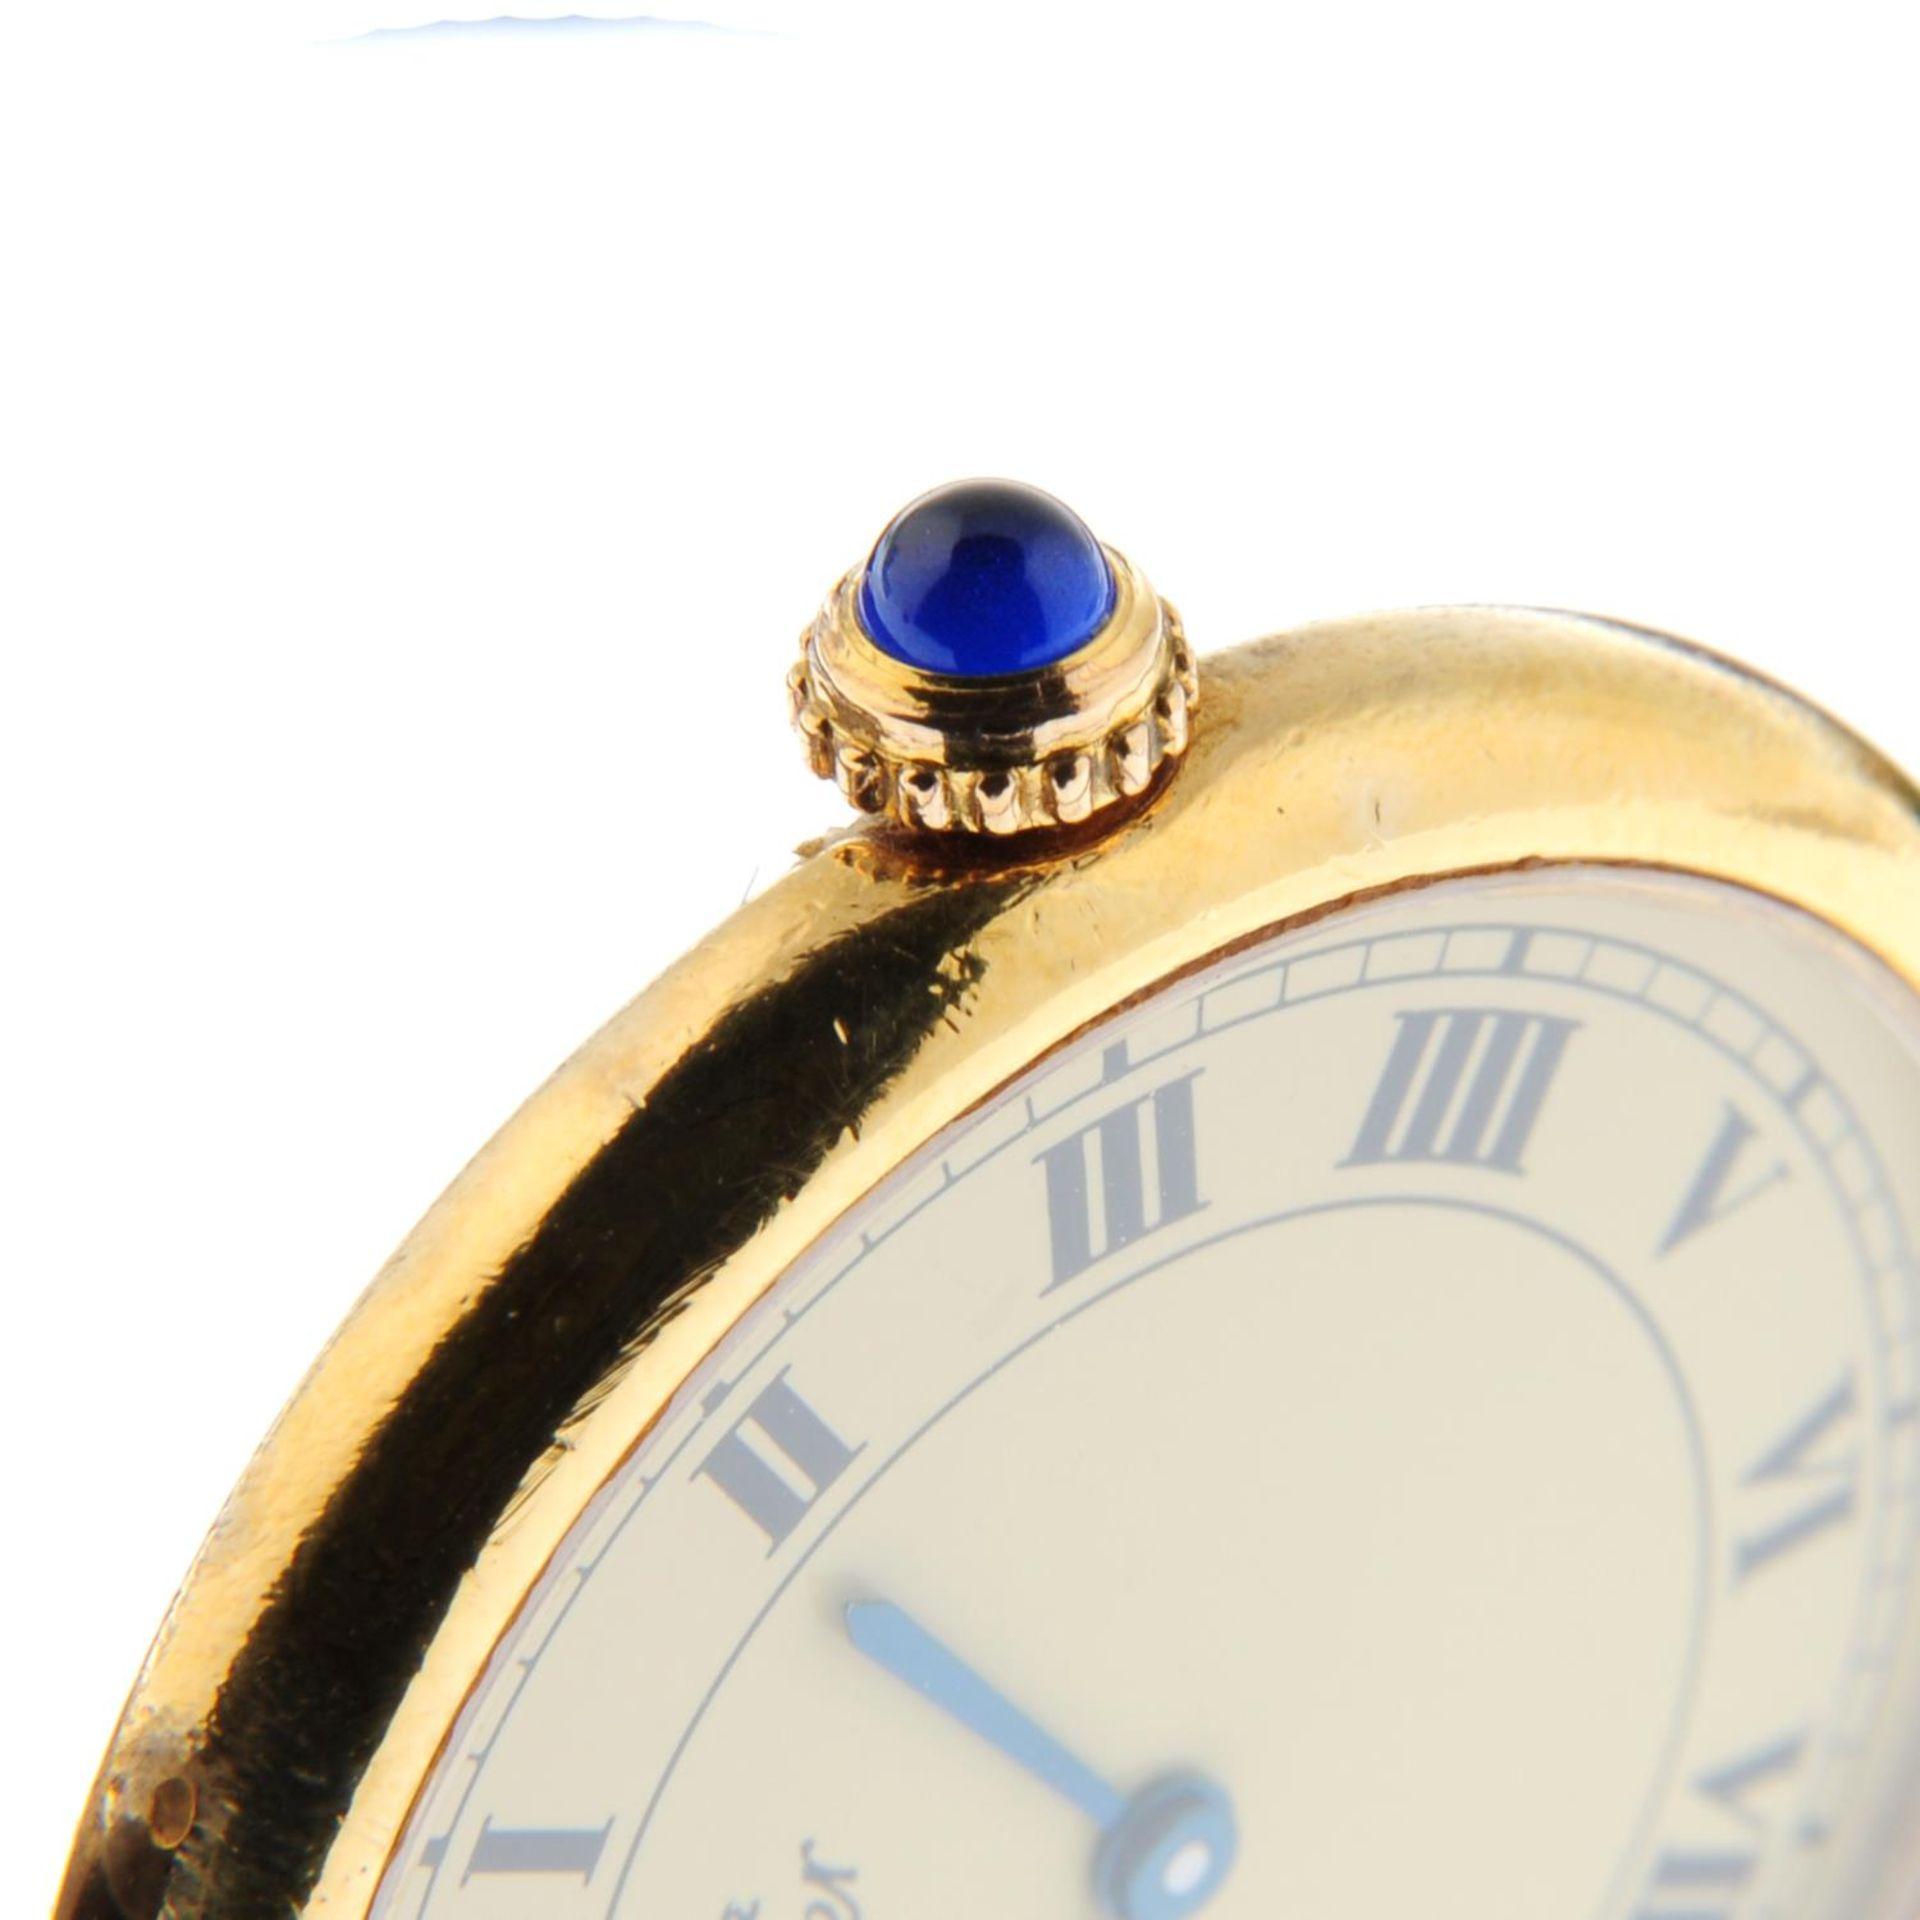 CARTIER - a Must de Cartier wrist watch. - Bild 5 aus 5